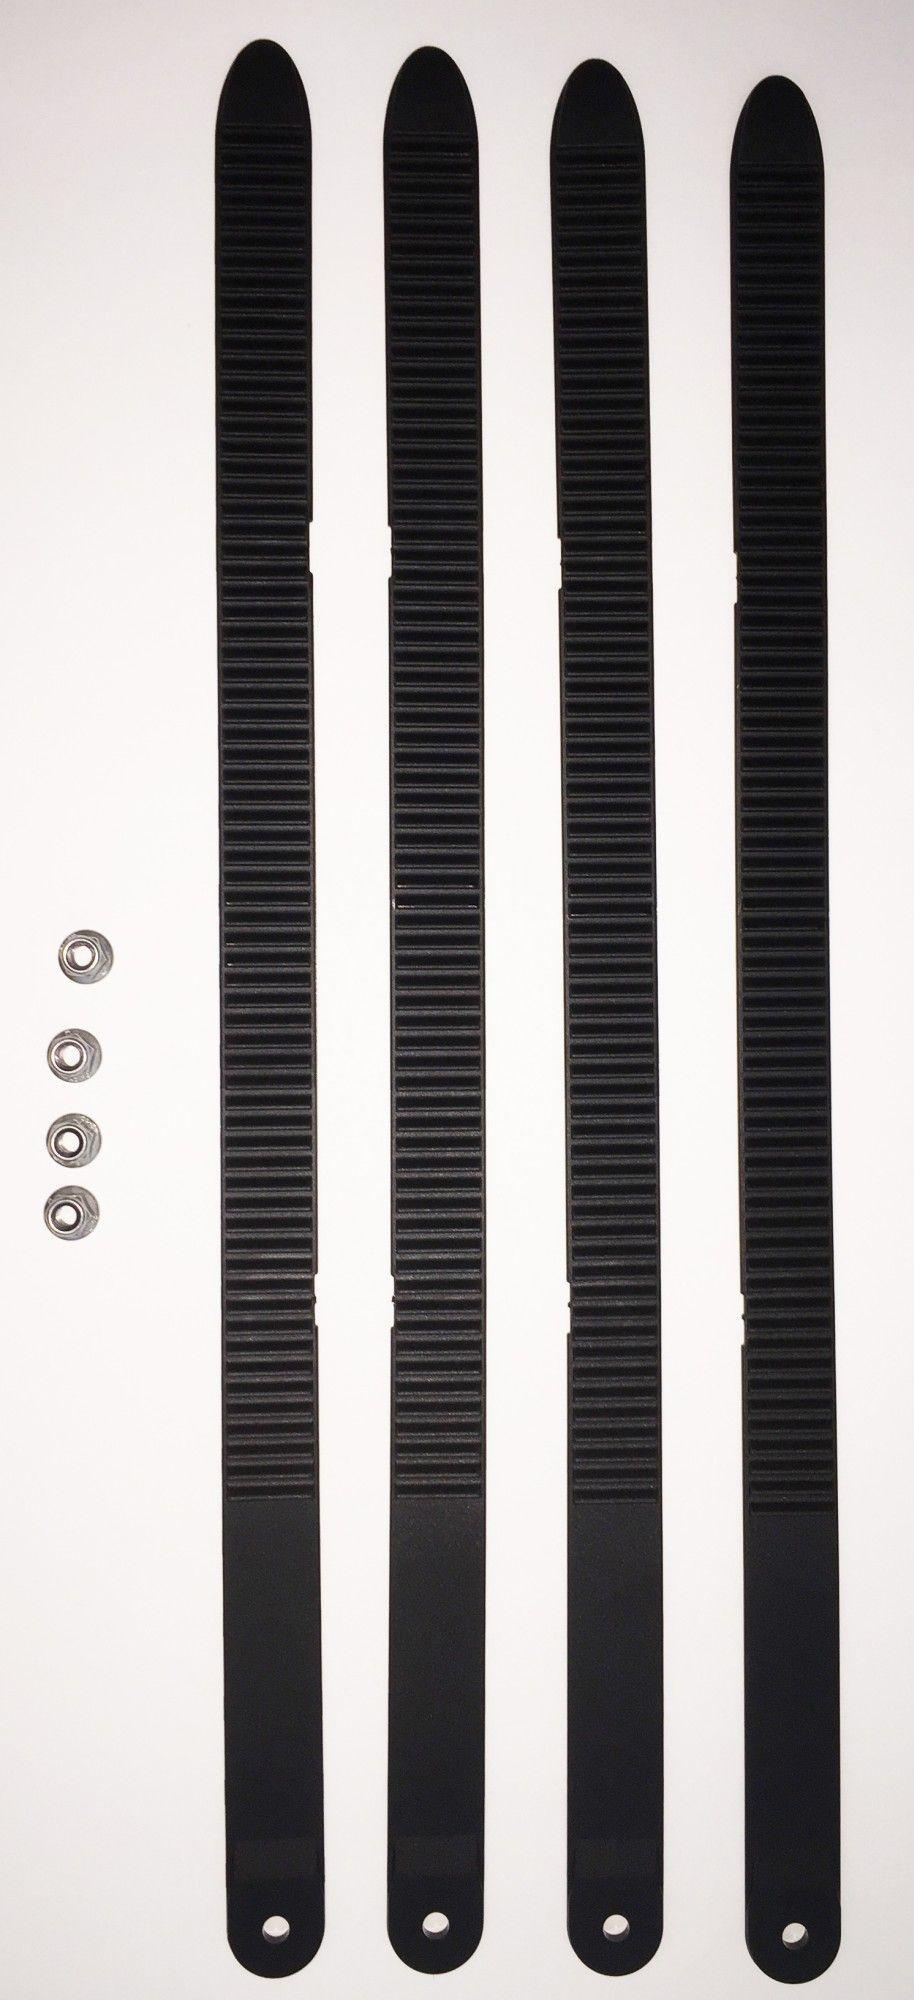 Uebler 4er Zahnbandsatz für Fatbike Transport 19870 schwarz